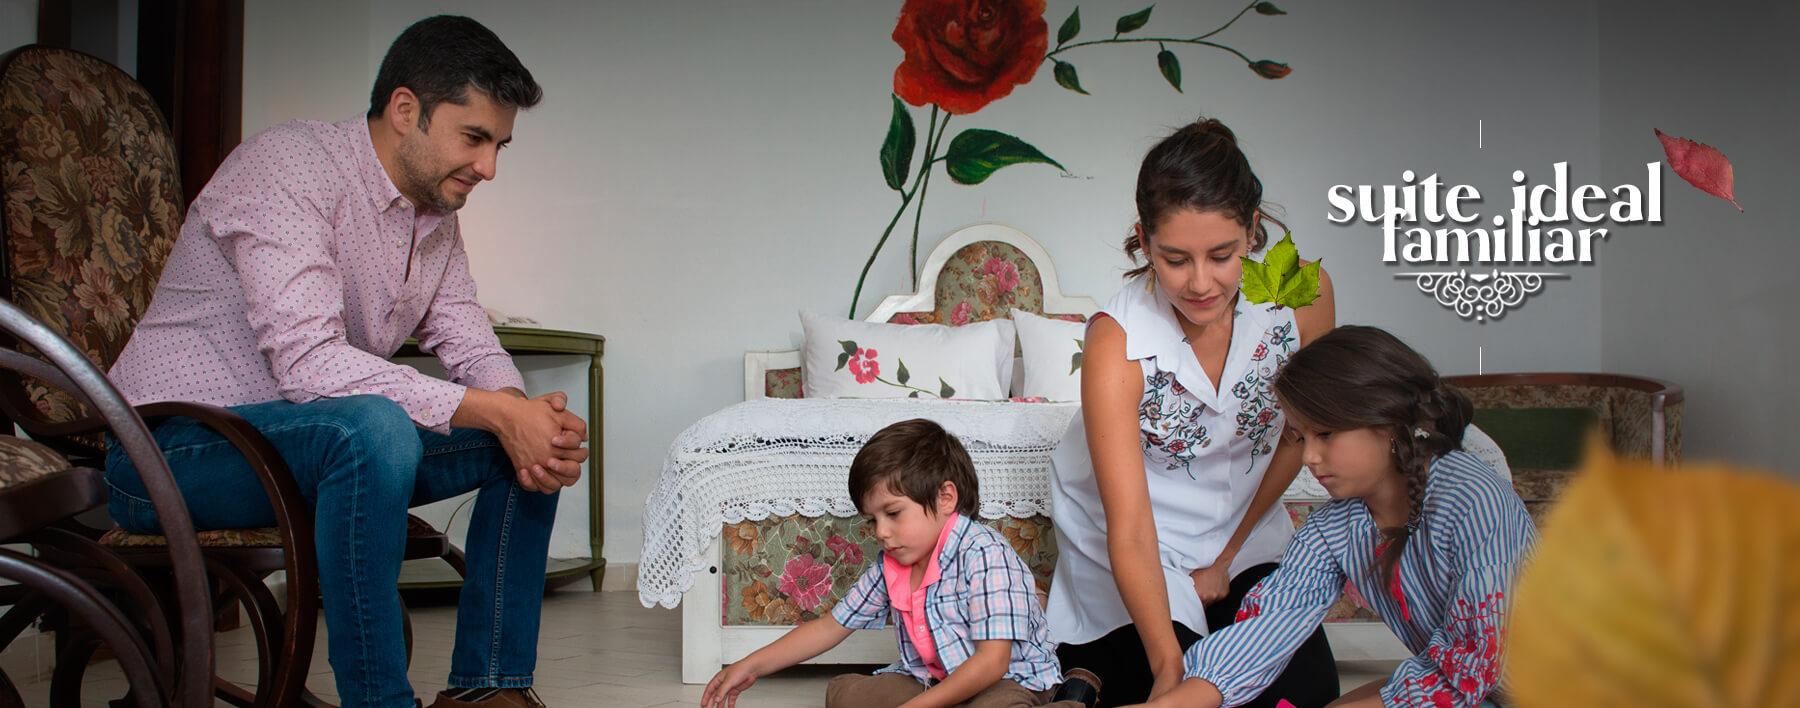 hotel-boutique-casa-de-hacienda-su-merced-habitacion-pequeña-casita-banner